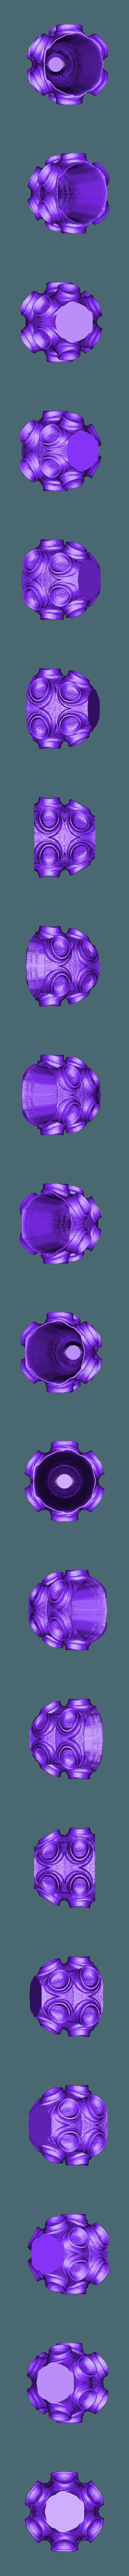 alienvase7.stl Télécharger fichier STL Collection de poteries étrangères • Objet pour imprimante 3D, ferjerez3d